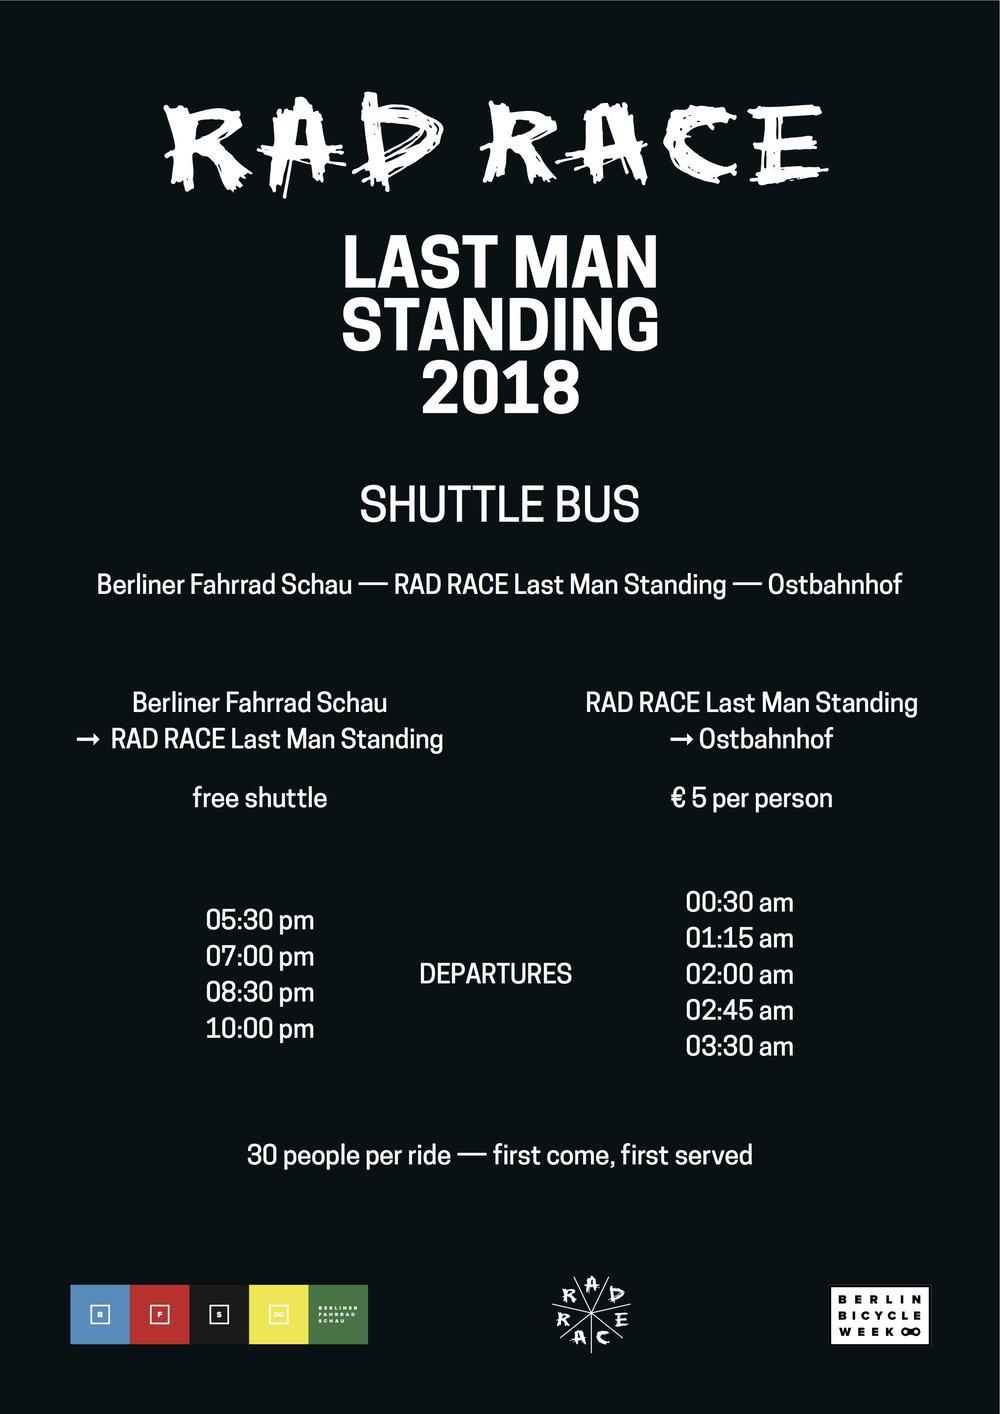 rad race bus shuttle berlin 2018